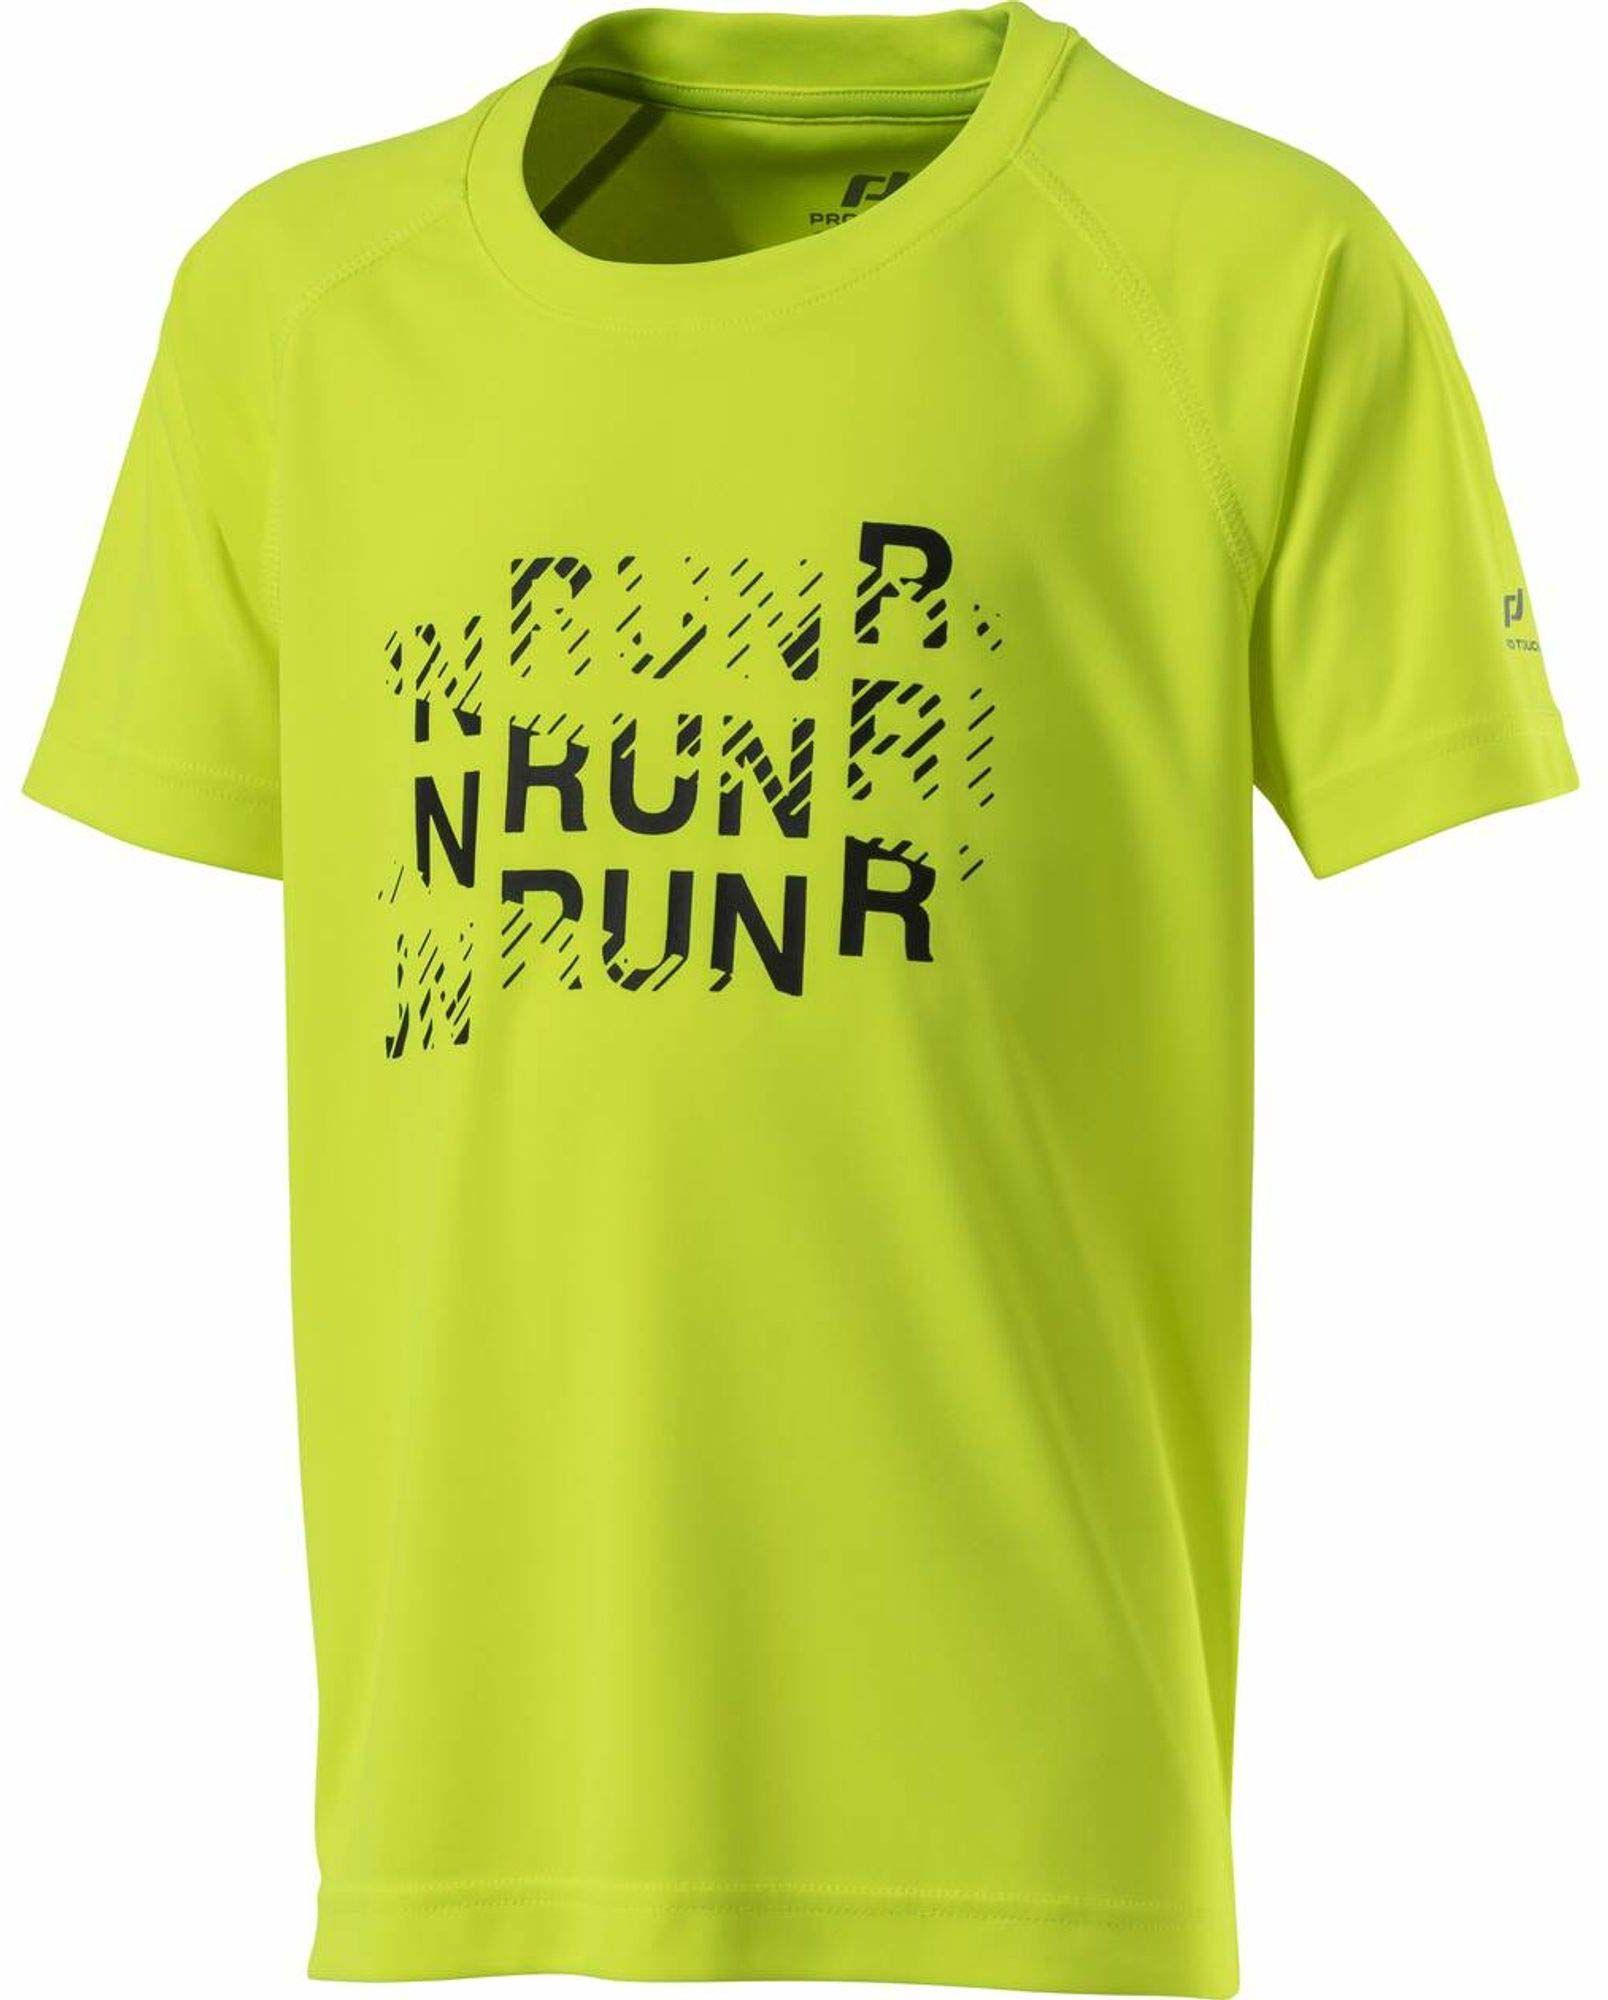 Pro Touch Bonito II T-shirt, Yellow Light, 176